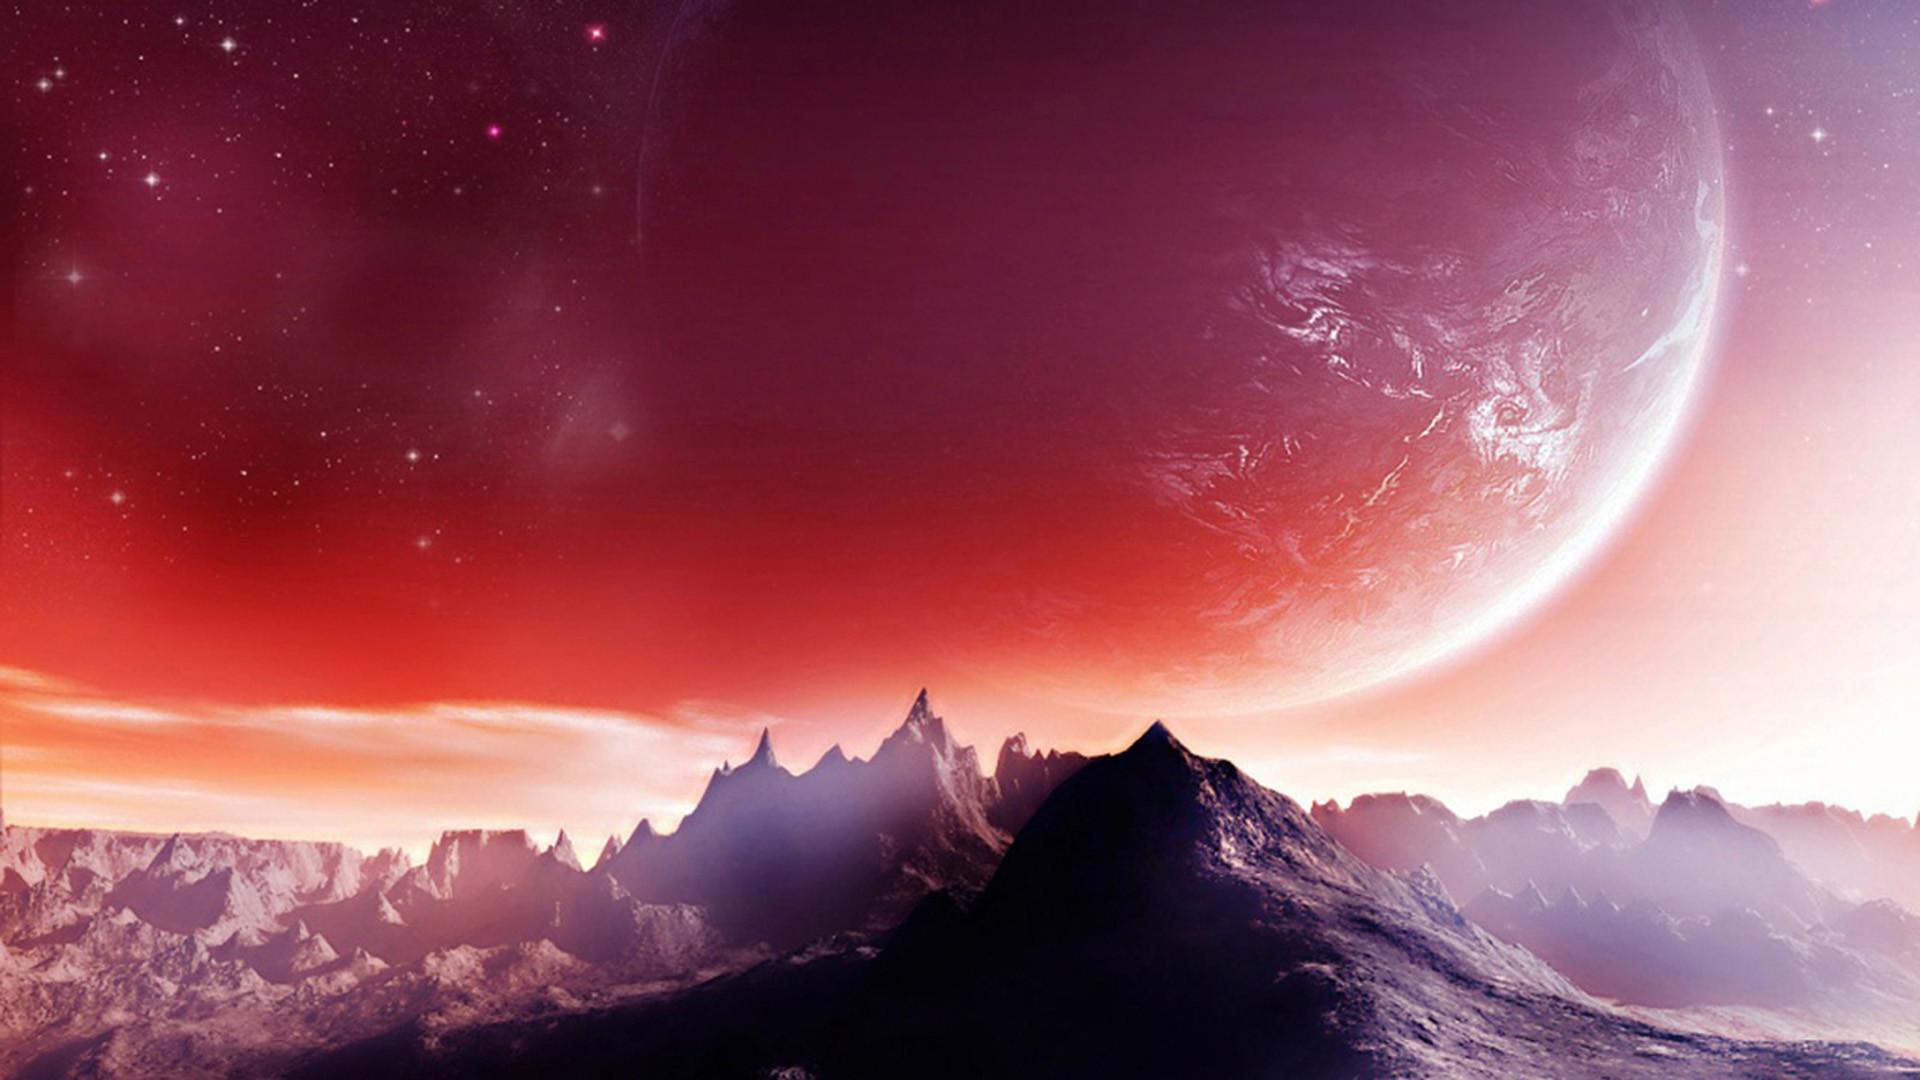 Space Art Wallpaper